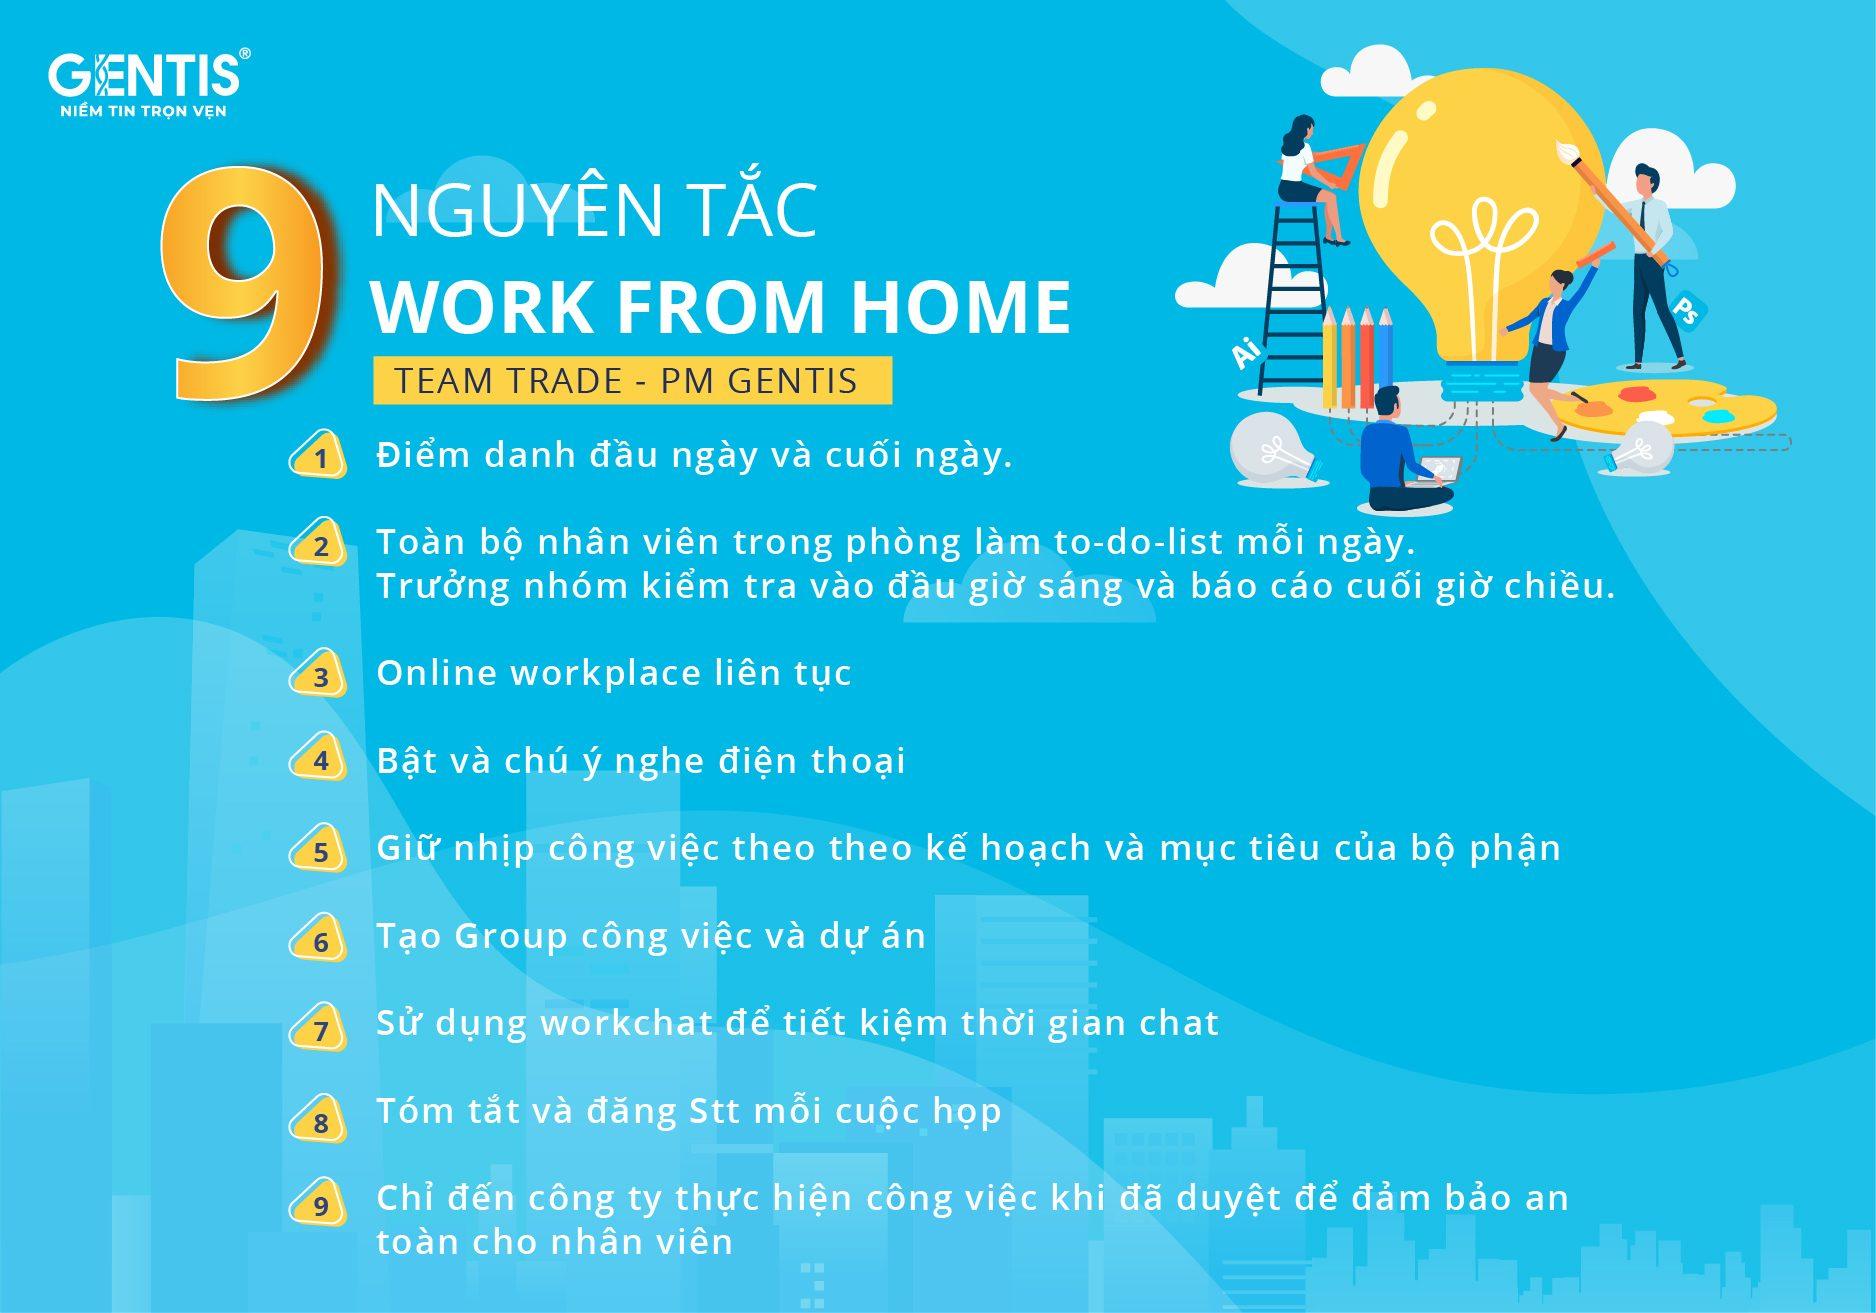 Trải nghiệm ngày đầu tiên về làm việc tại nhà